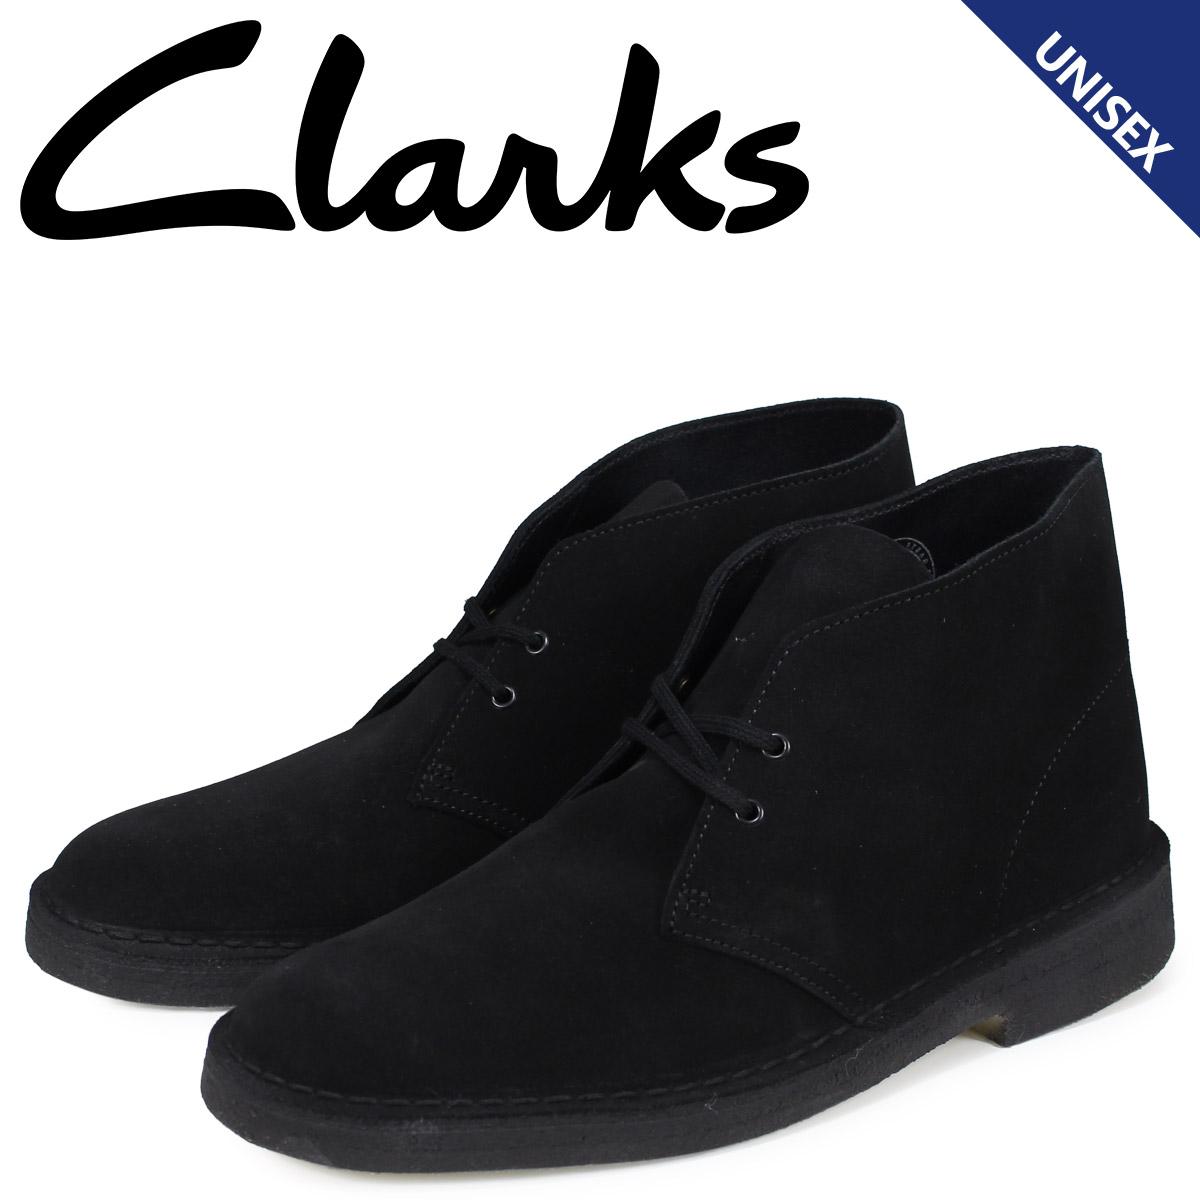 クラークス Clarks デザートブーツ メンズ レディース DESERT BOOT スエード ブラック 26138227 [3/30 追加入荷]